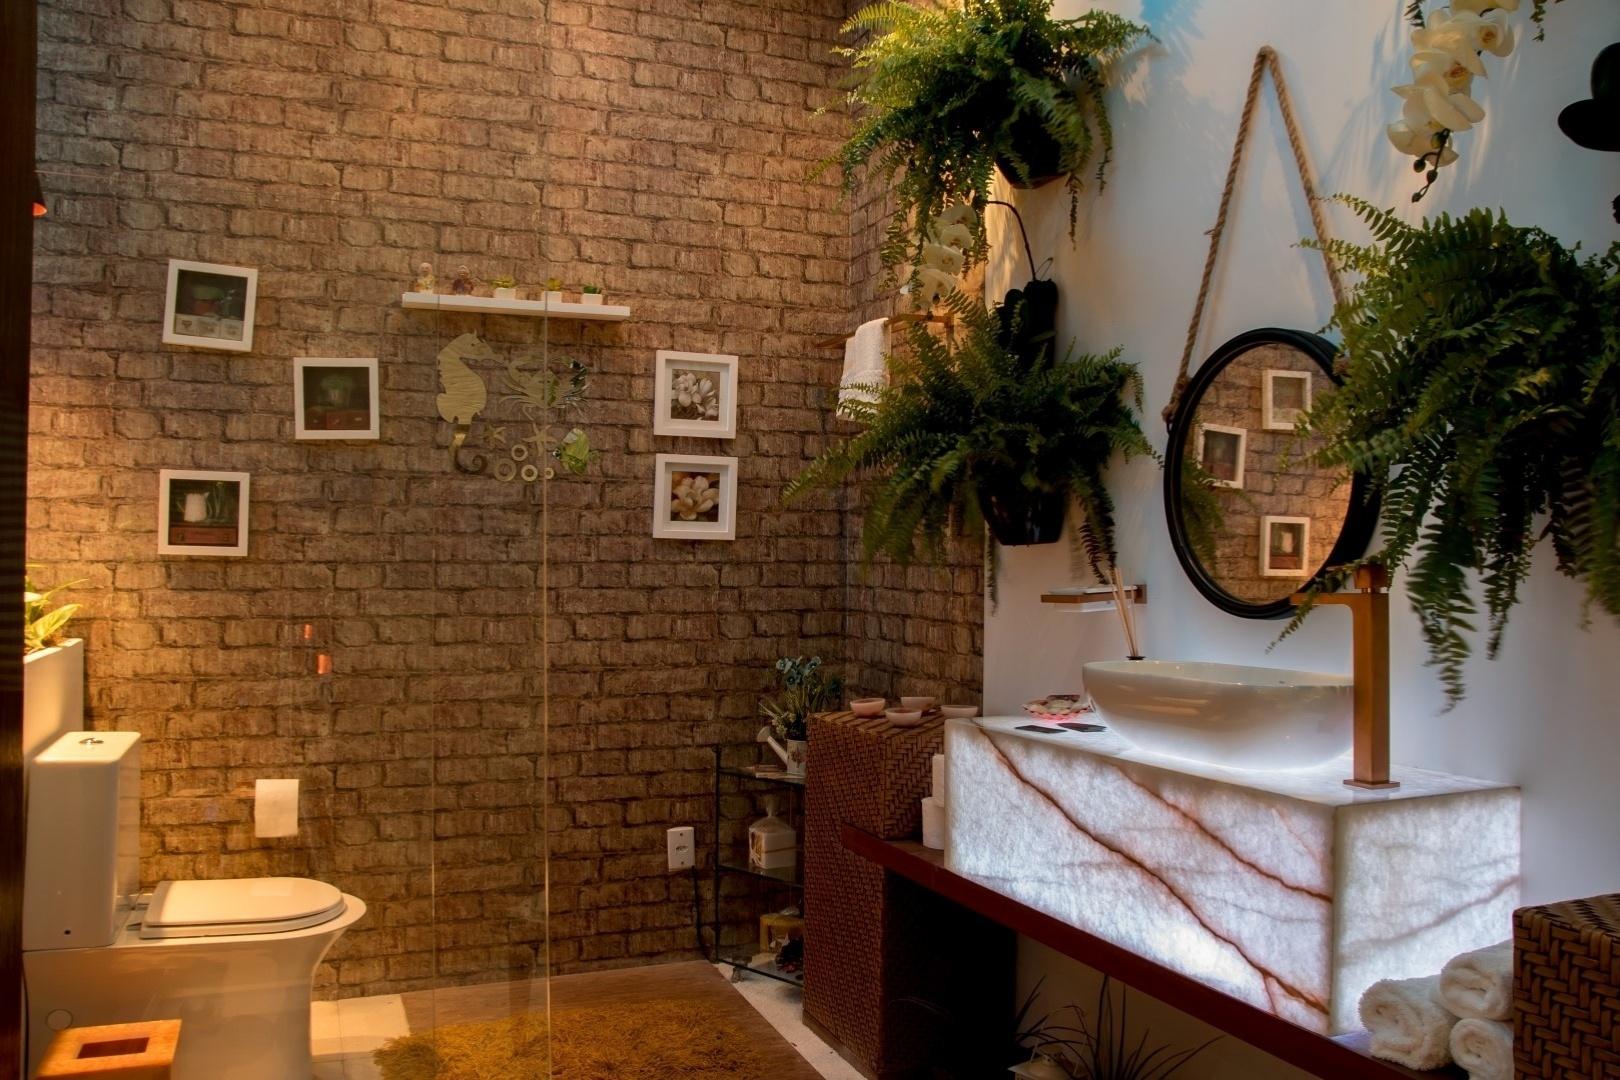 socorro-ribeiro-propoe-para-a-suite-do-hospede-da-casa-de-praia-uma-area-de-banho-de-toque-rustico-sem-perder-a-sofisticacao-no-espaco-com-plantas-naturais-a-parede-de-tijolos-1414770335468_1620x1080